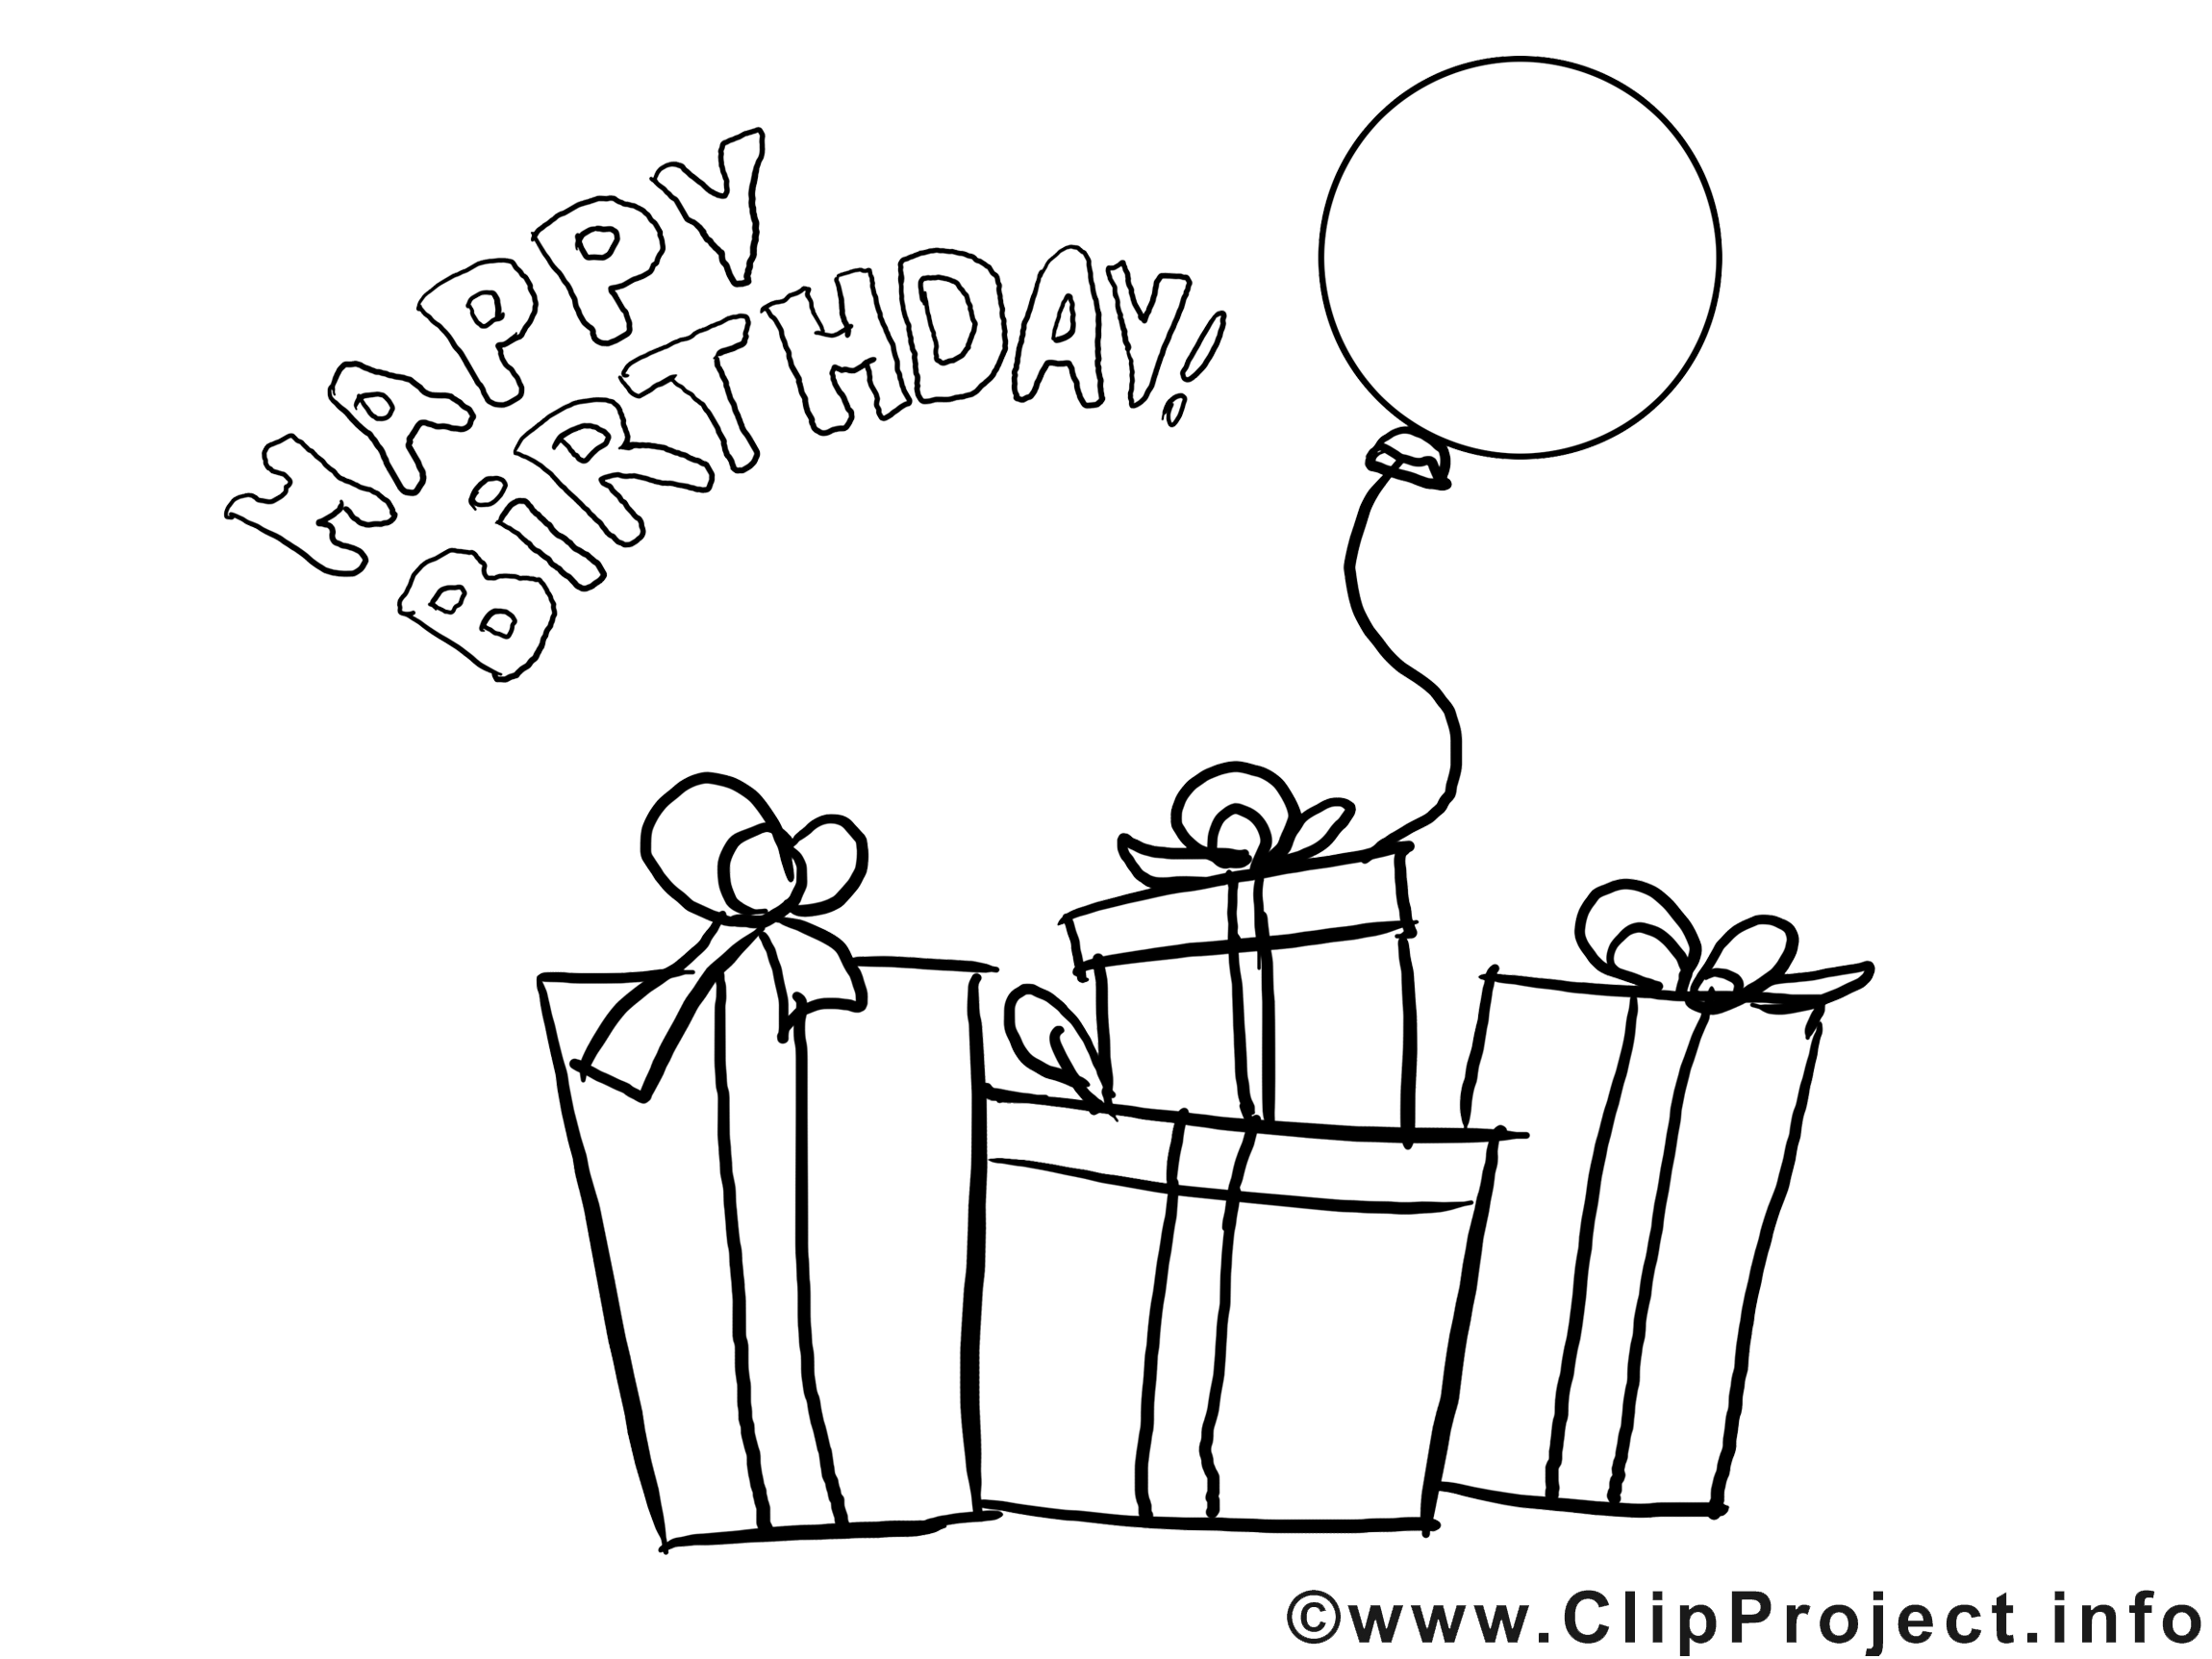 Geburtstag clipart schwarz weiß.